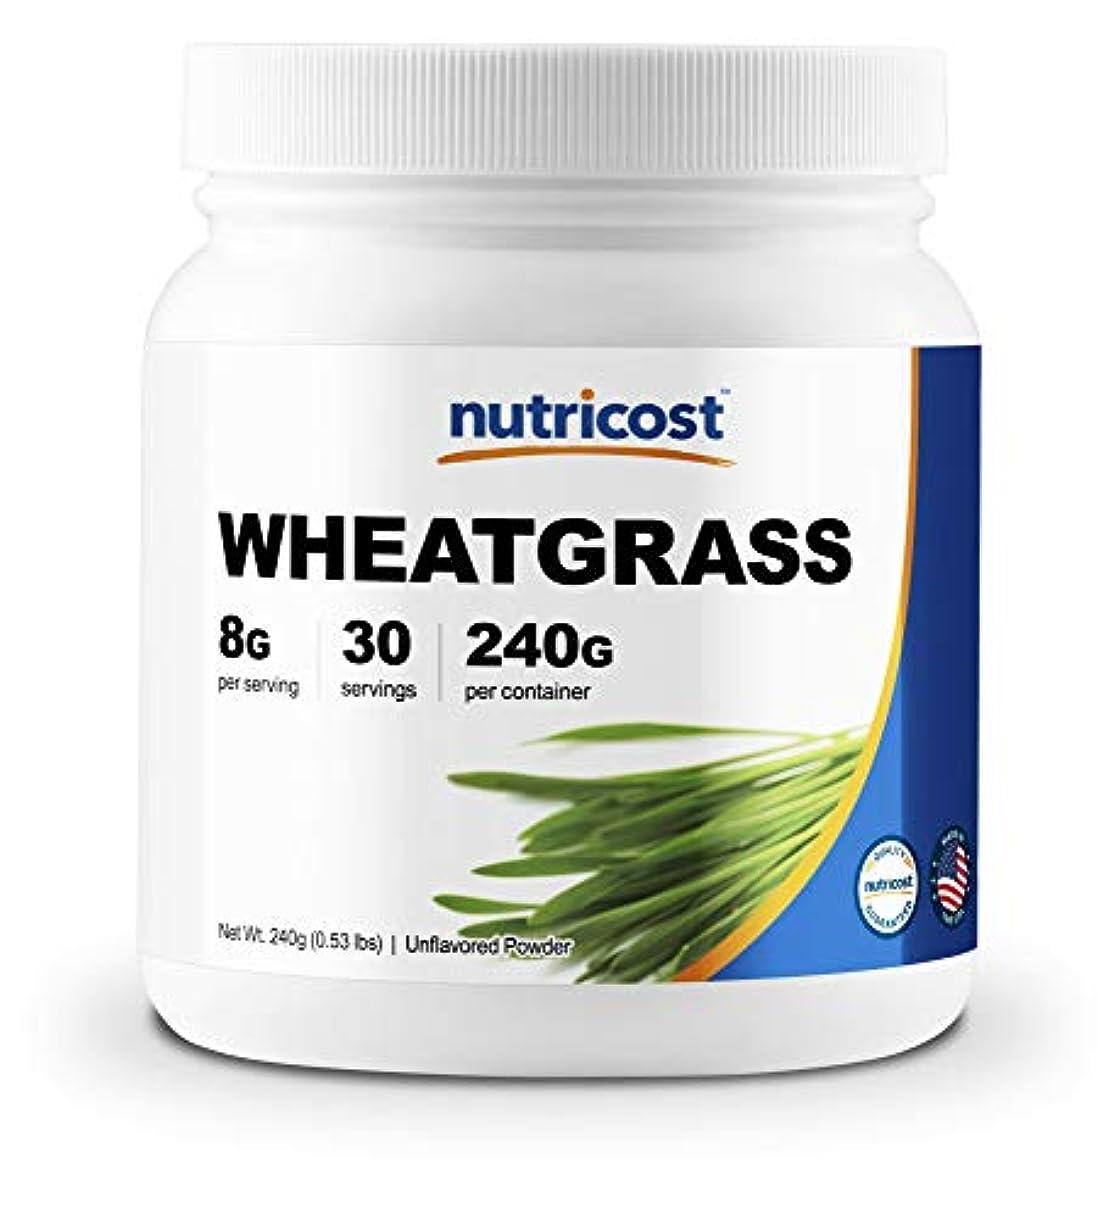 鉱夫将来のページェントNutricost ウィートグラスパウダー (小麦若葉)、30食分、非GMO、グルテンフリー